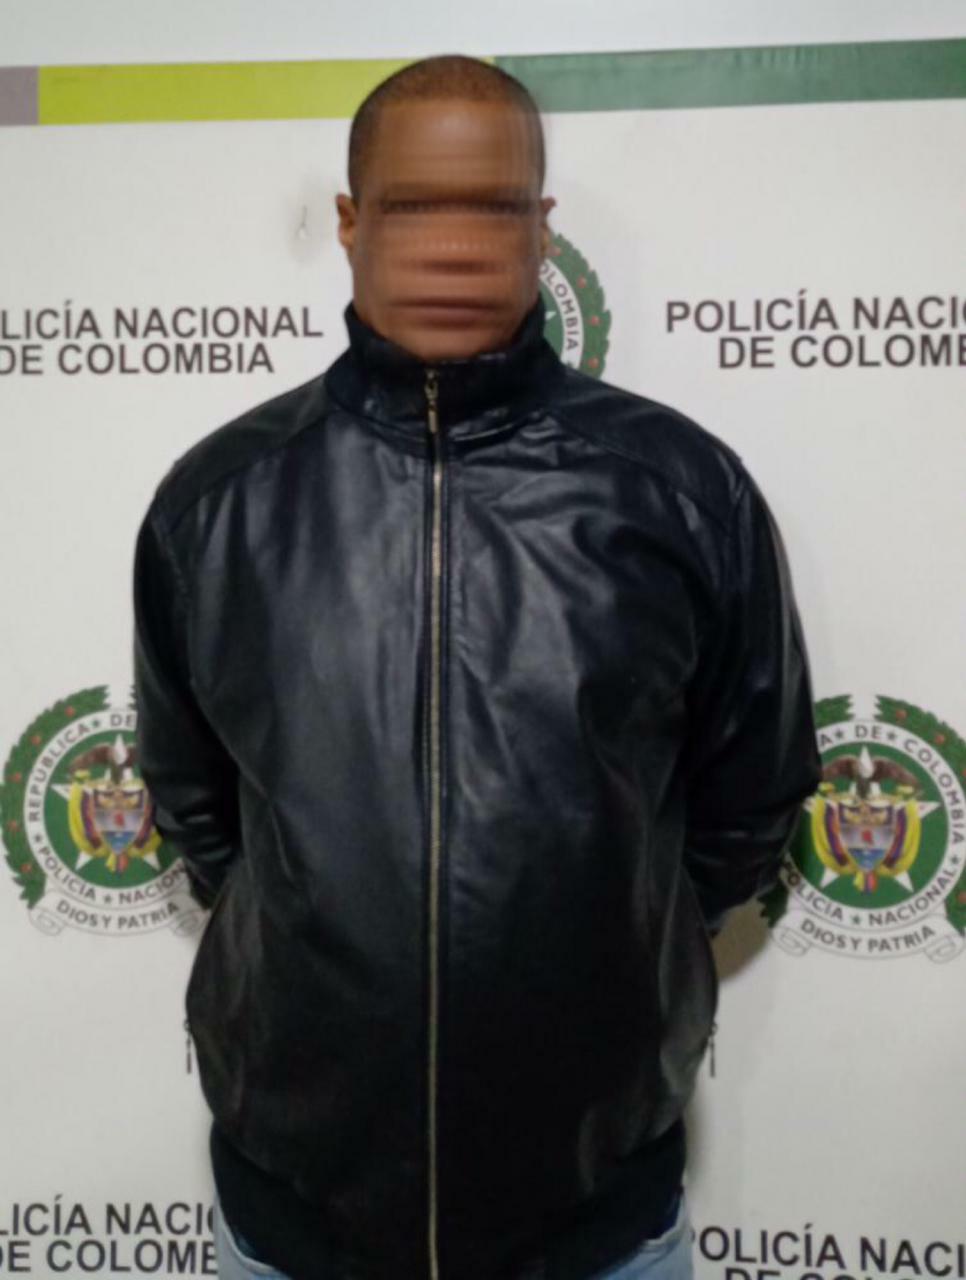 TRES PASANTES DE DROGA FUERON CAPTURADOS EN EL AEROPUERTO INTERNACIONAL EL DORADO